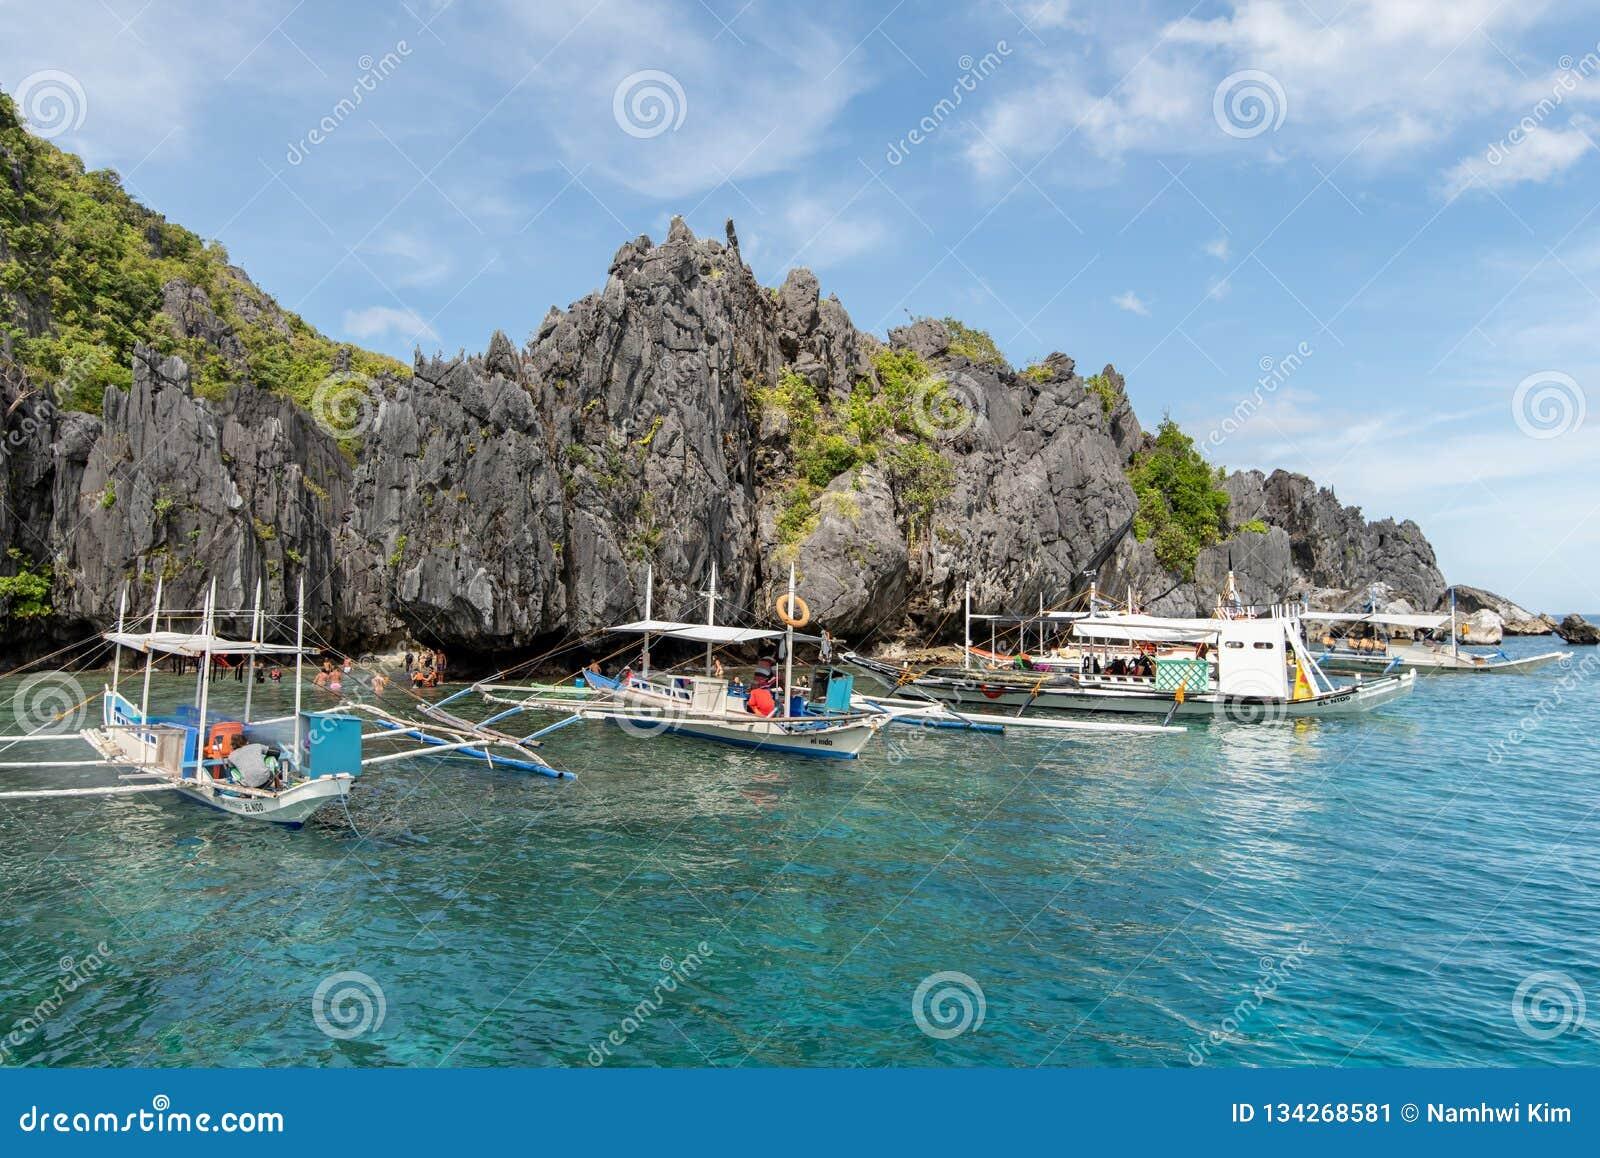 Boten die op reizigers bij het Verborgen Strand van Gr nido, Palawan, Filippijnen, 18,2018 wachten Nov.